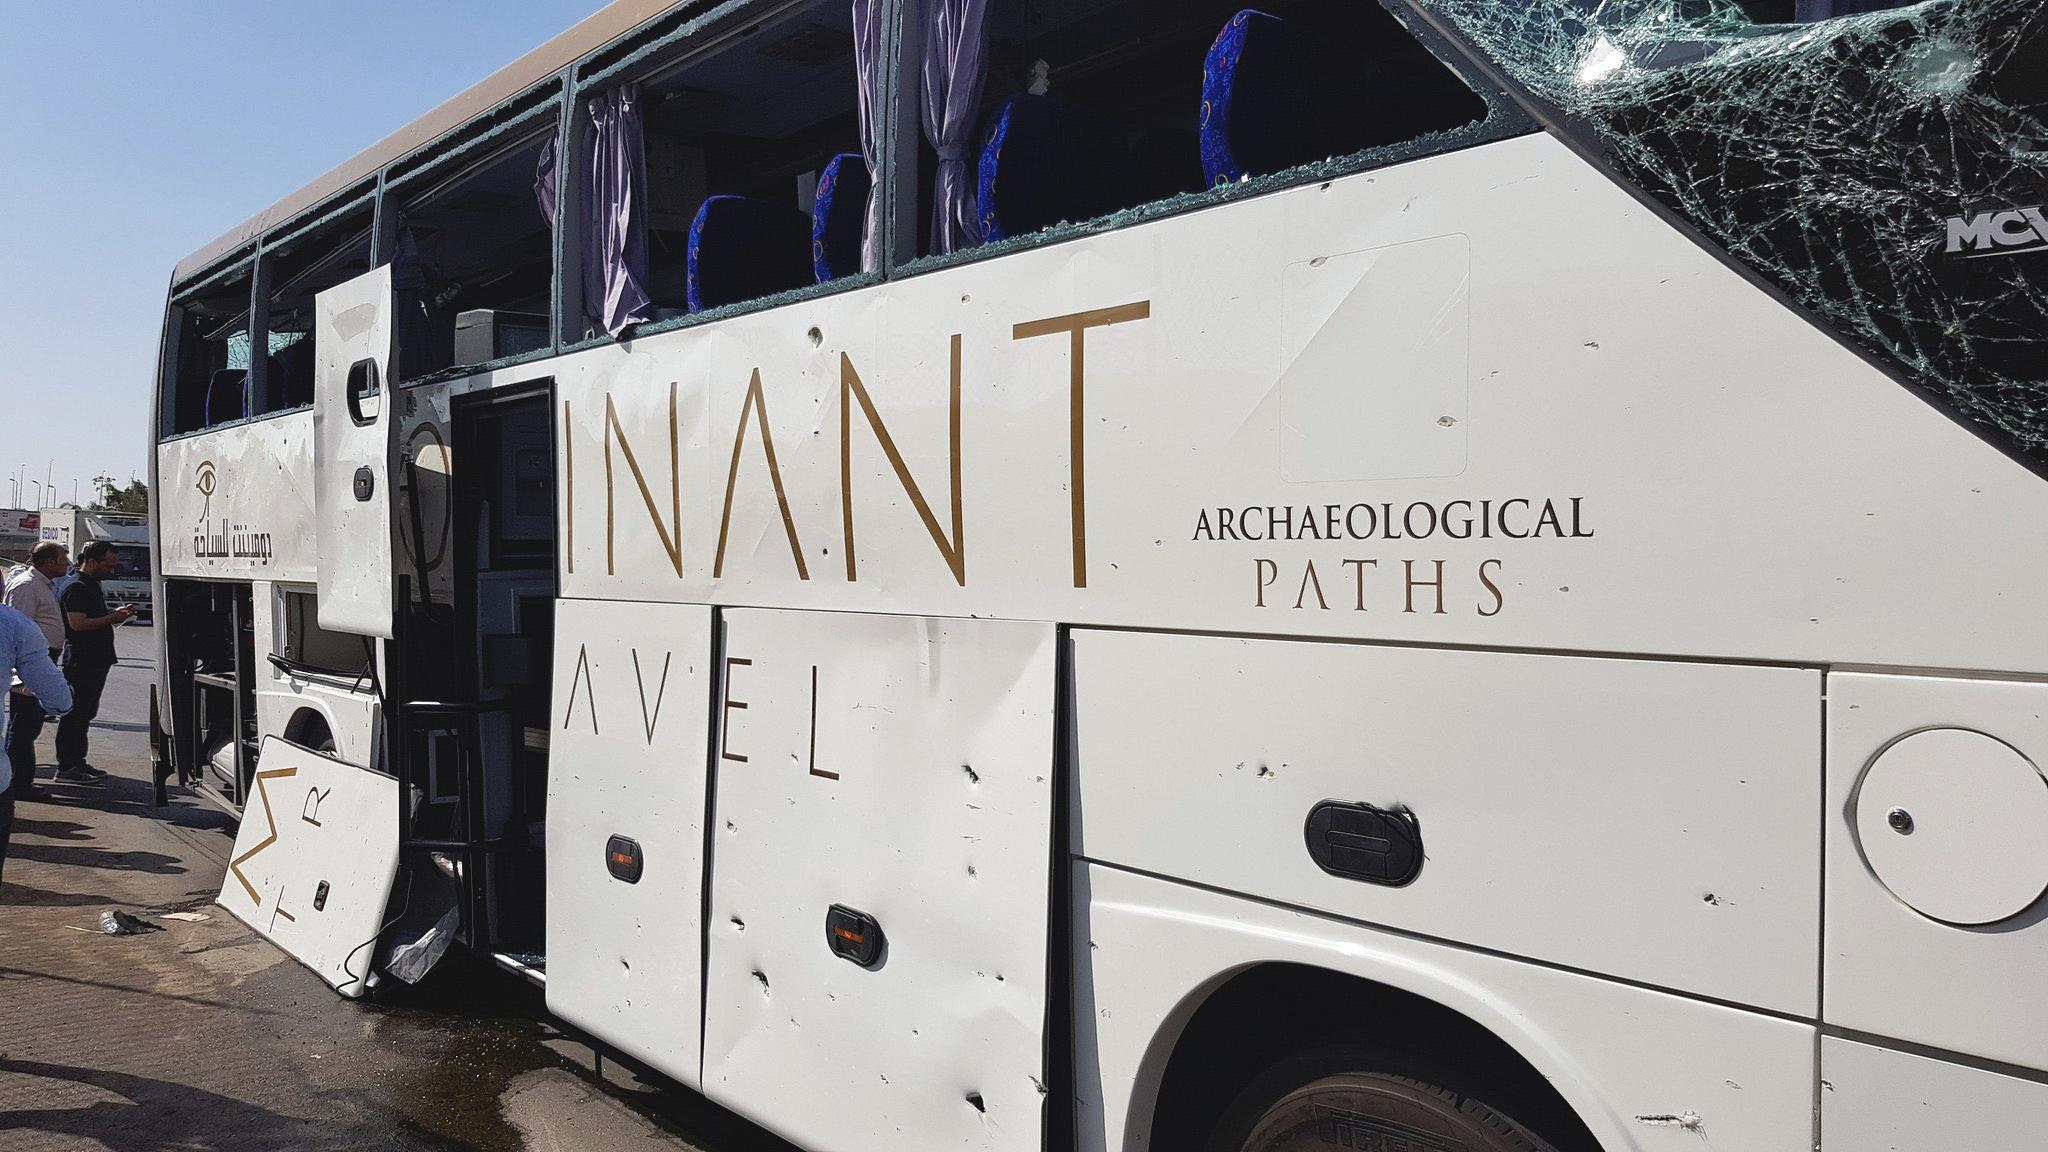 El último ataque contra turistas en Egipto había ocurrido en diciembre (Reuters)